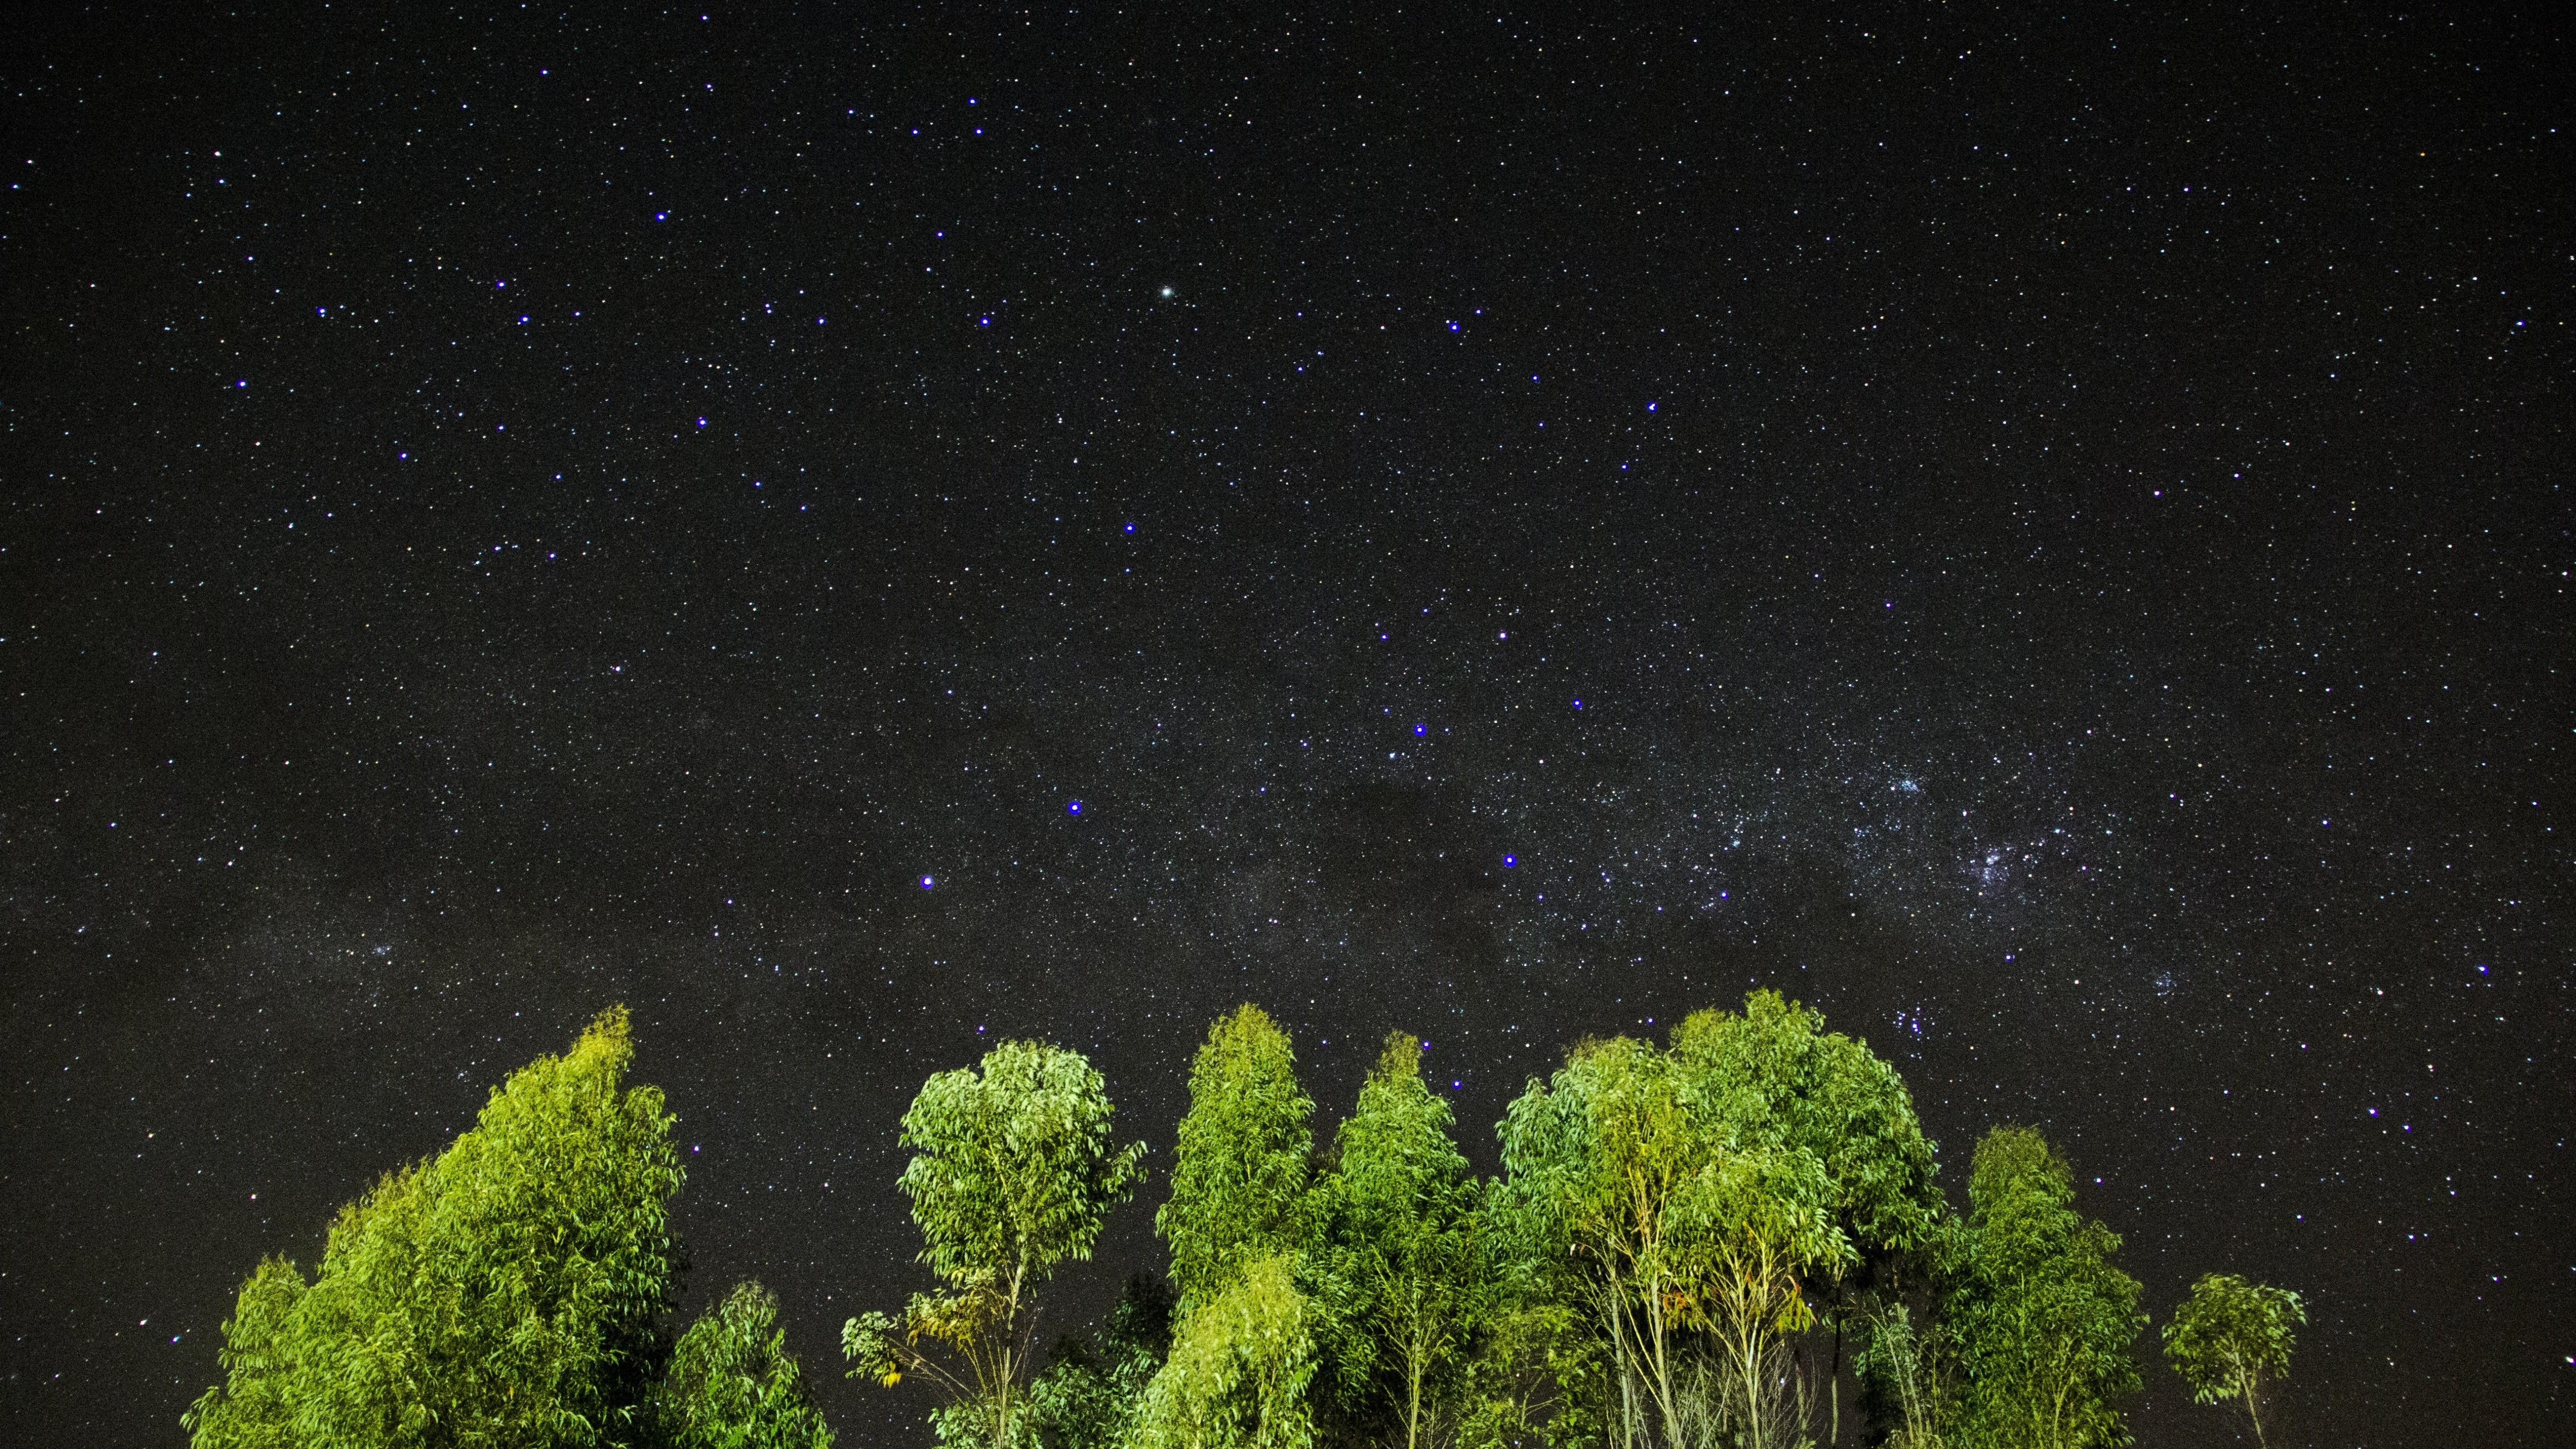 Windows 10 Wallpaper For Girls Wallpaper Night Stars Sky Trees 4k Nature 16014